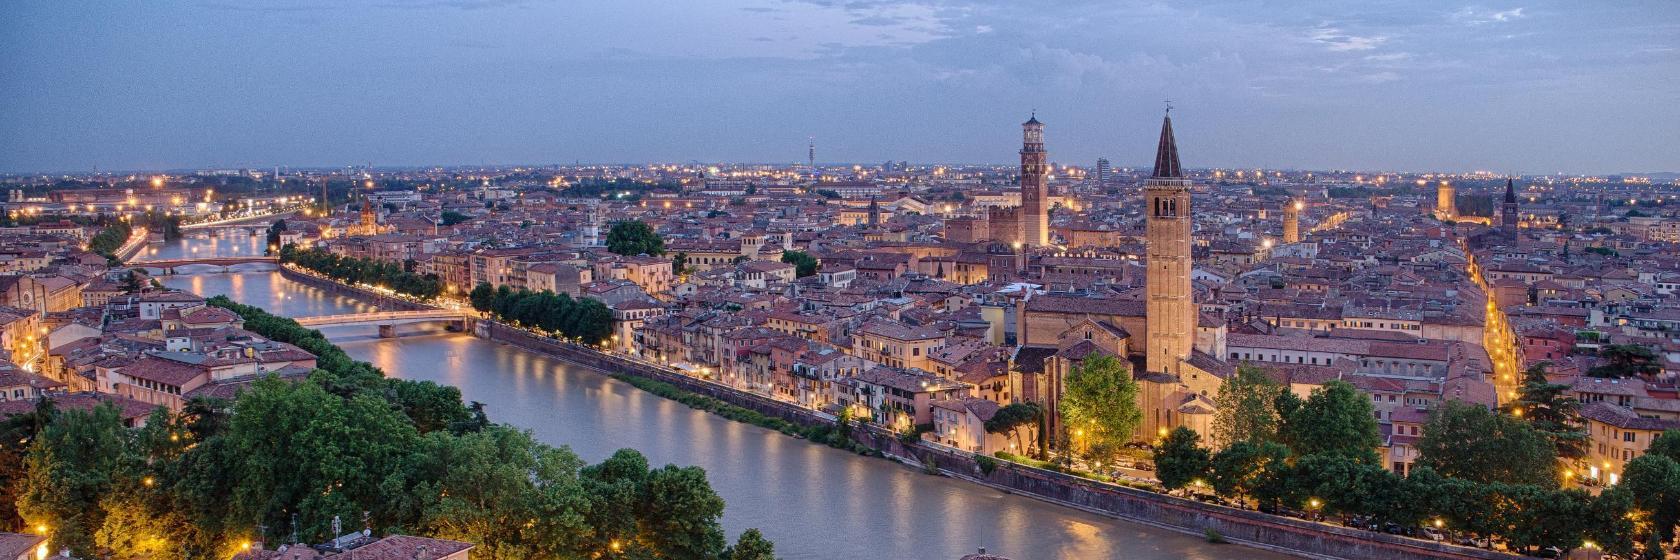 Verona, Italy Hotels